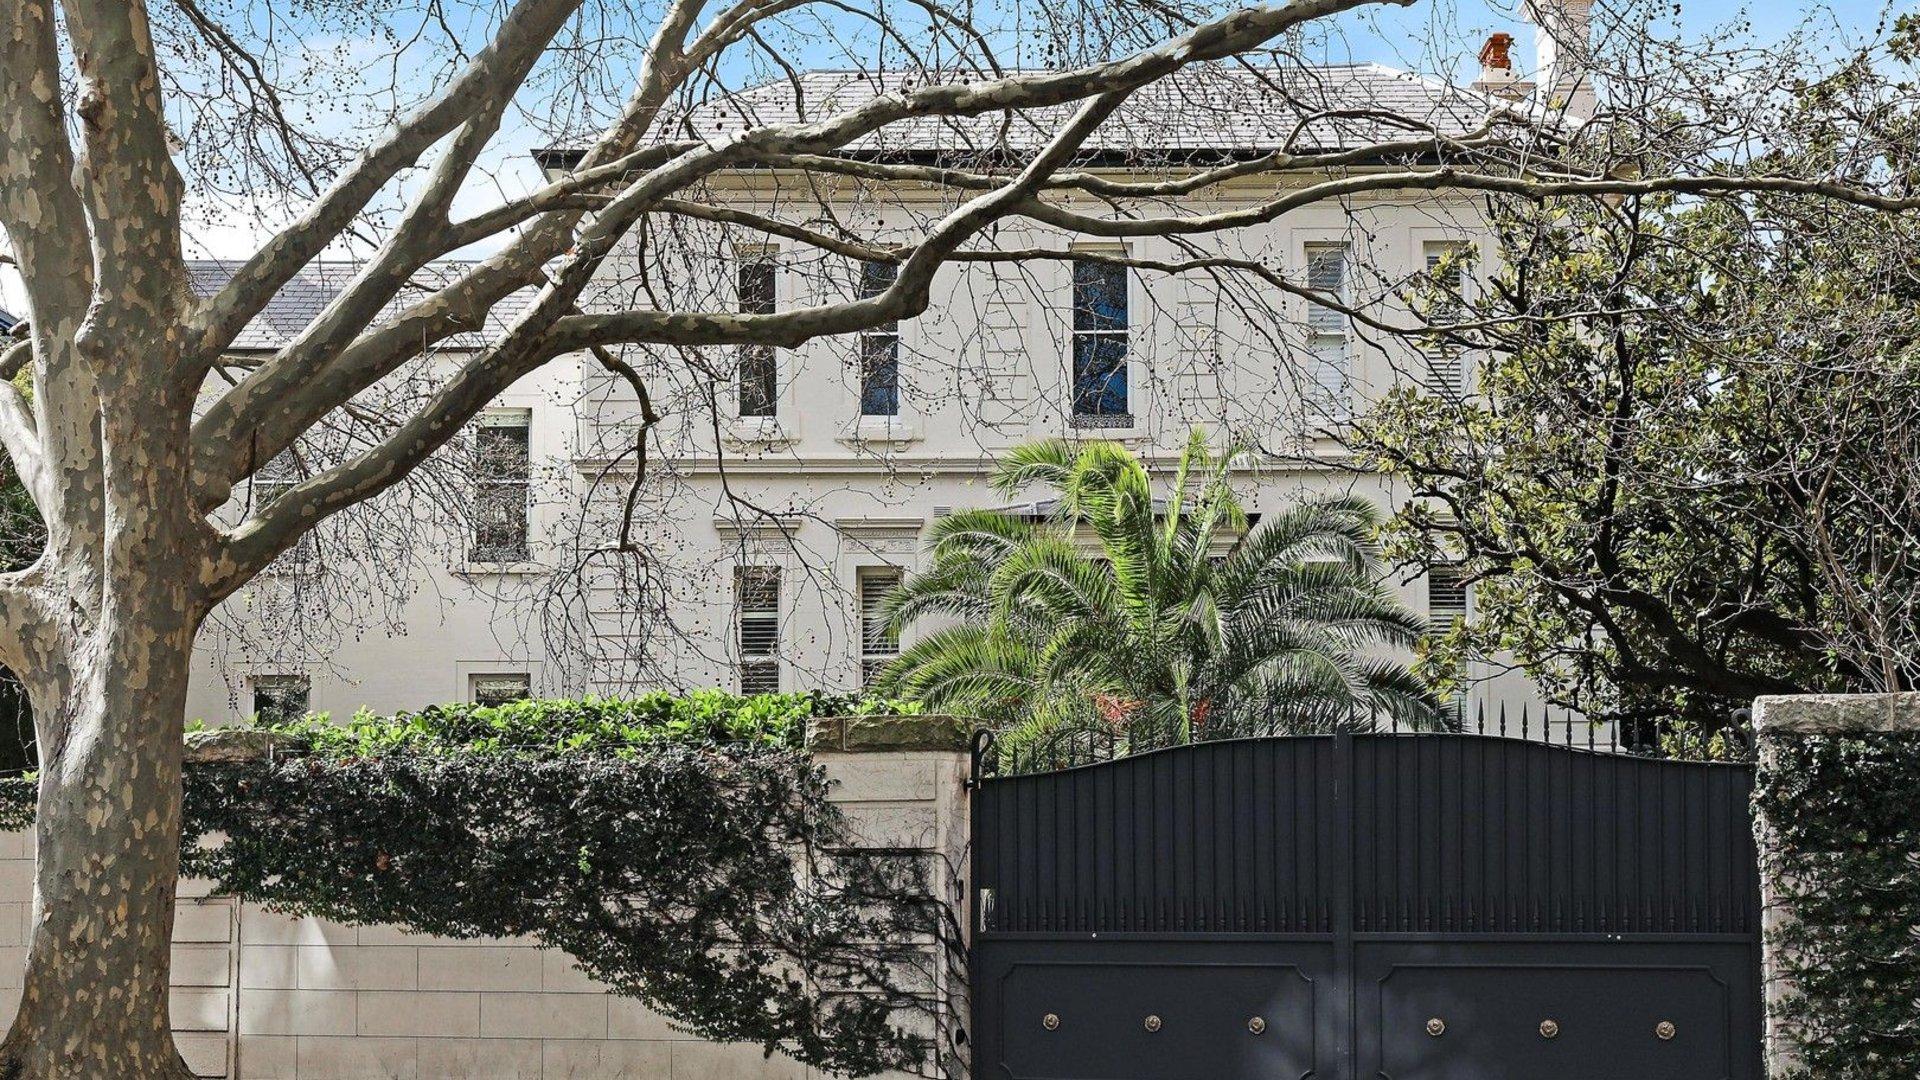 Jenner House marine villa Macleay Street Potts Point Sydney 34 Million